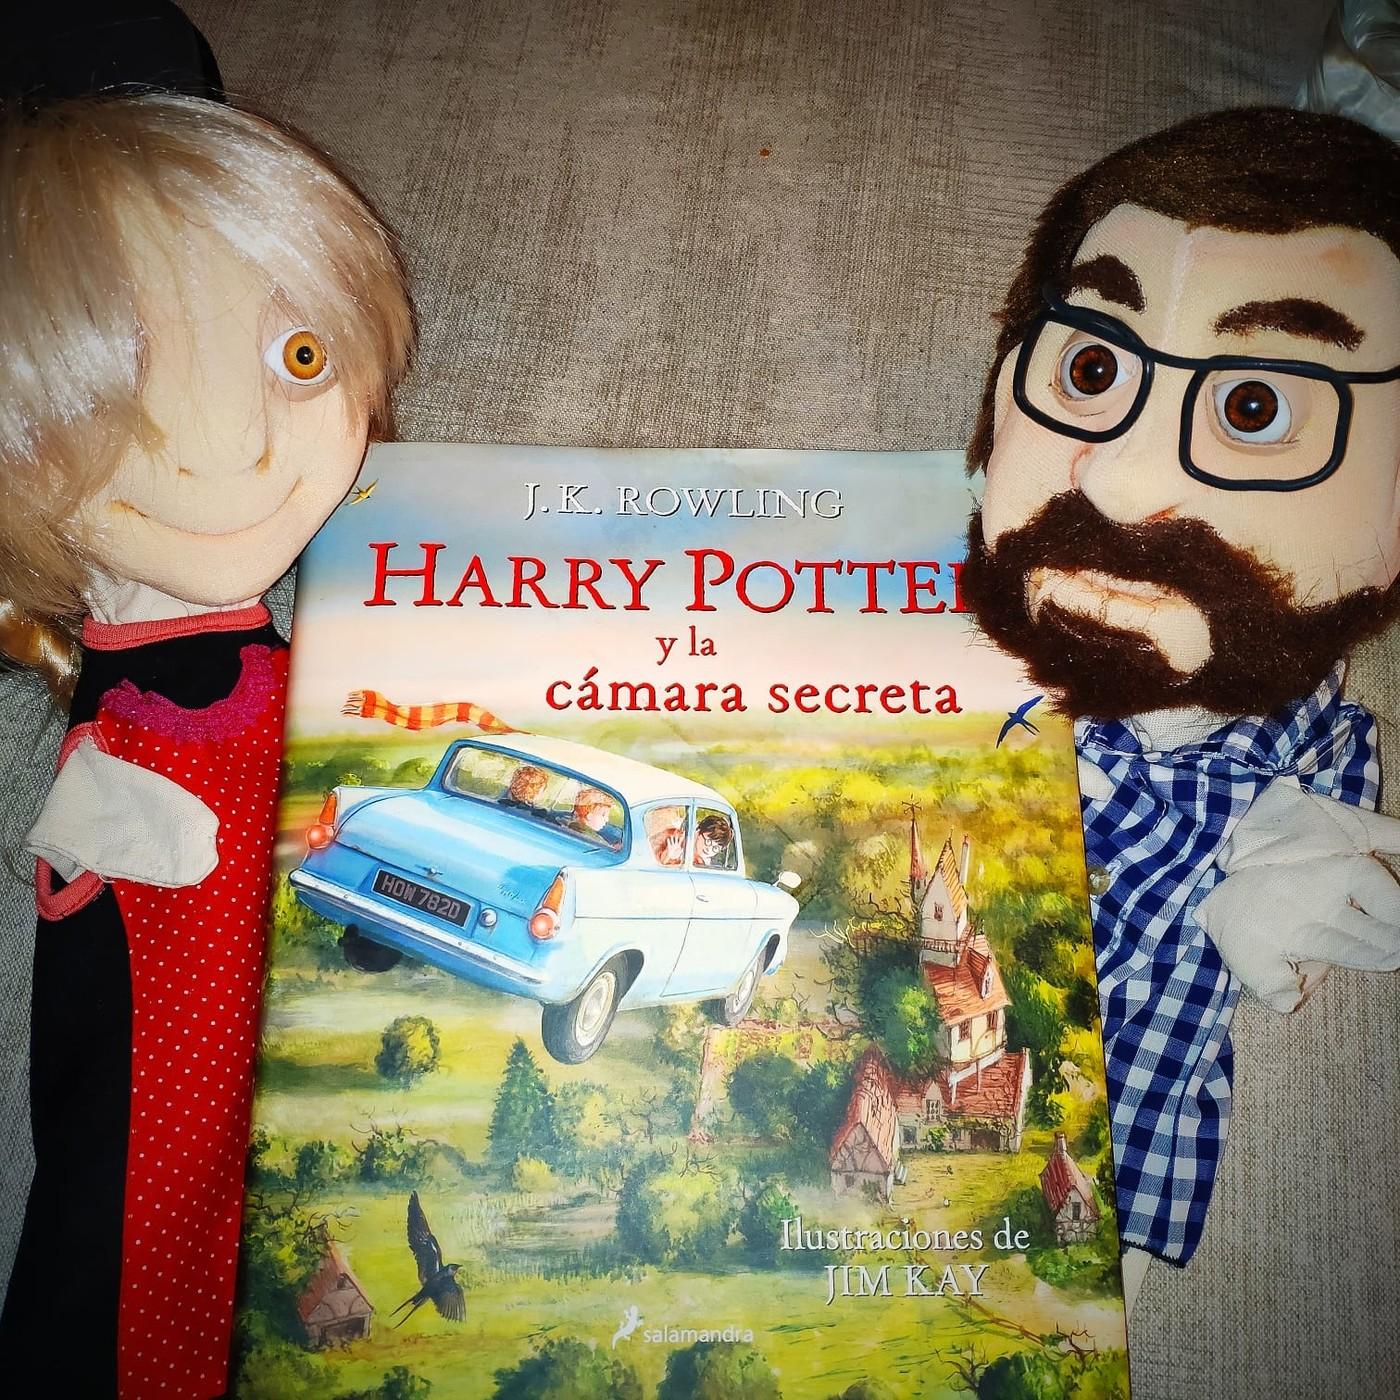 Harry Potter y la Cámara Secreta - Capitulo 5 - Lara y Manu Leemos